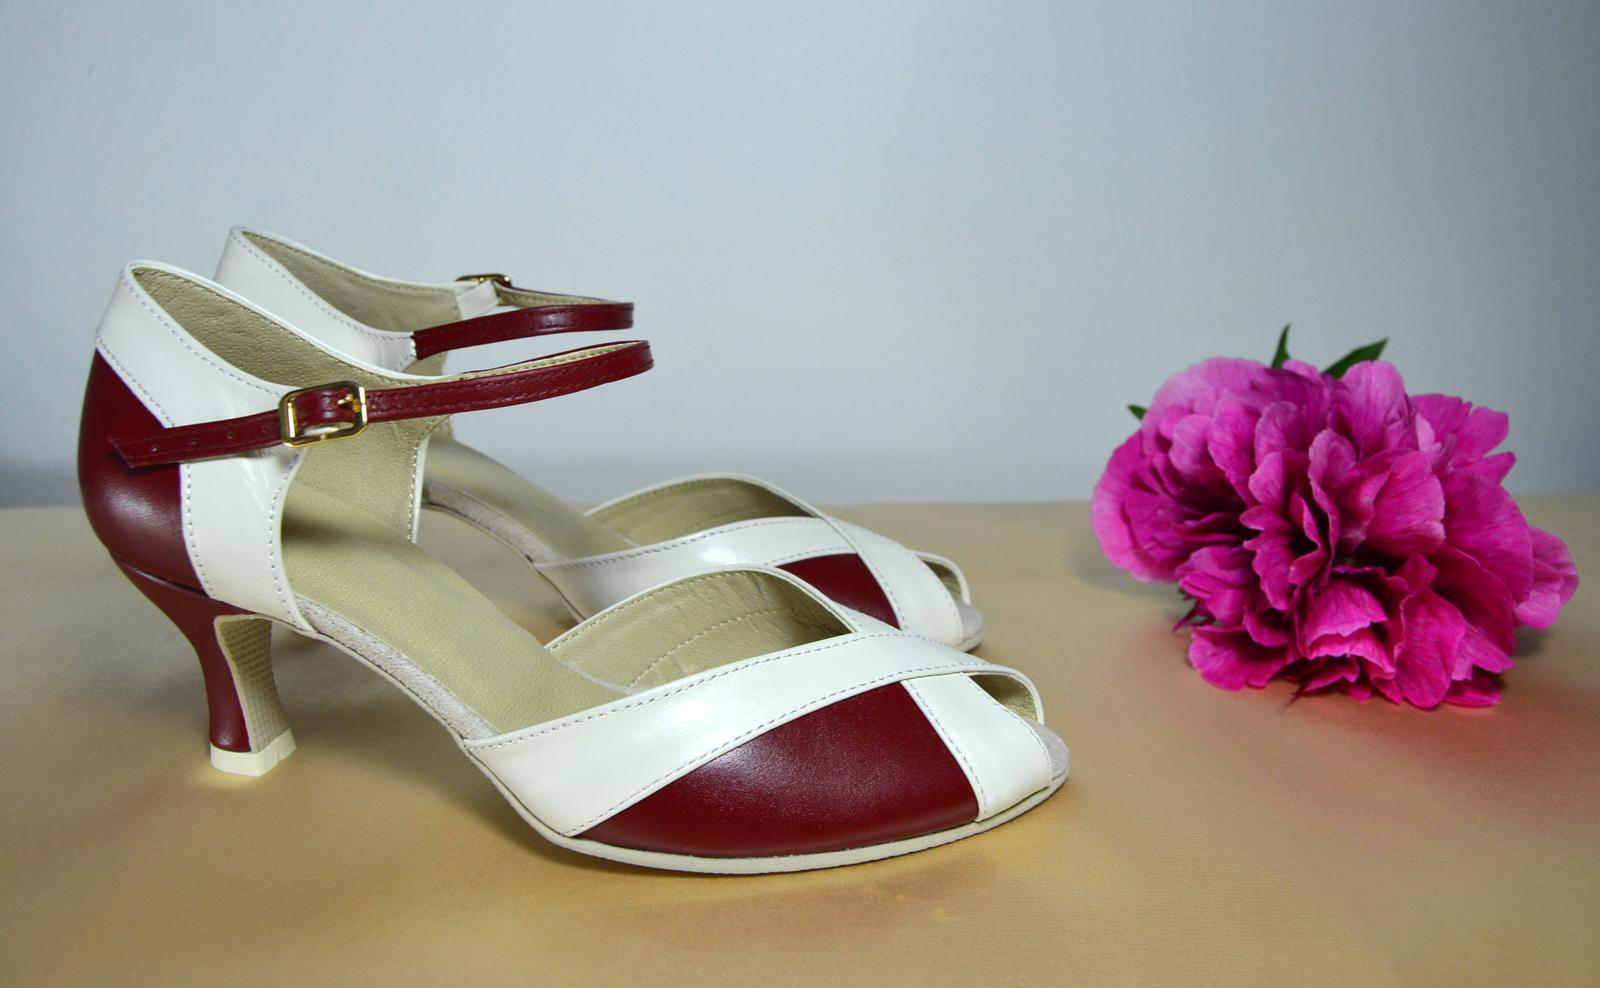 Svadobné topánky s úpravou na želanie - inšpirácie bordó, hnědá, čokoládová - Pohodlná Svadobná obuv tanečný štýl (+ úprava na bežné nosenie) v kombinácii pravej kože bordó + ivory - úpravy podľa želania klientky,